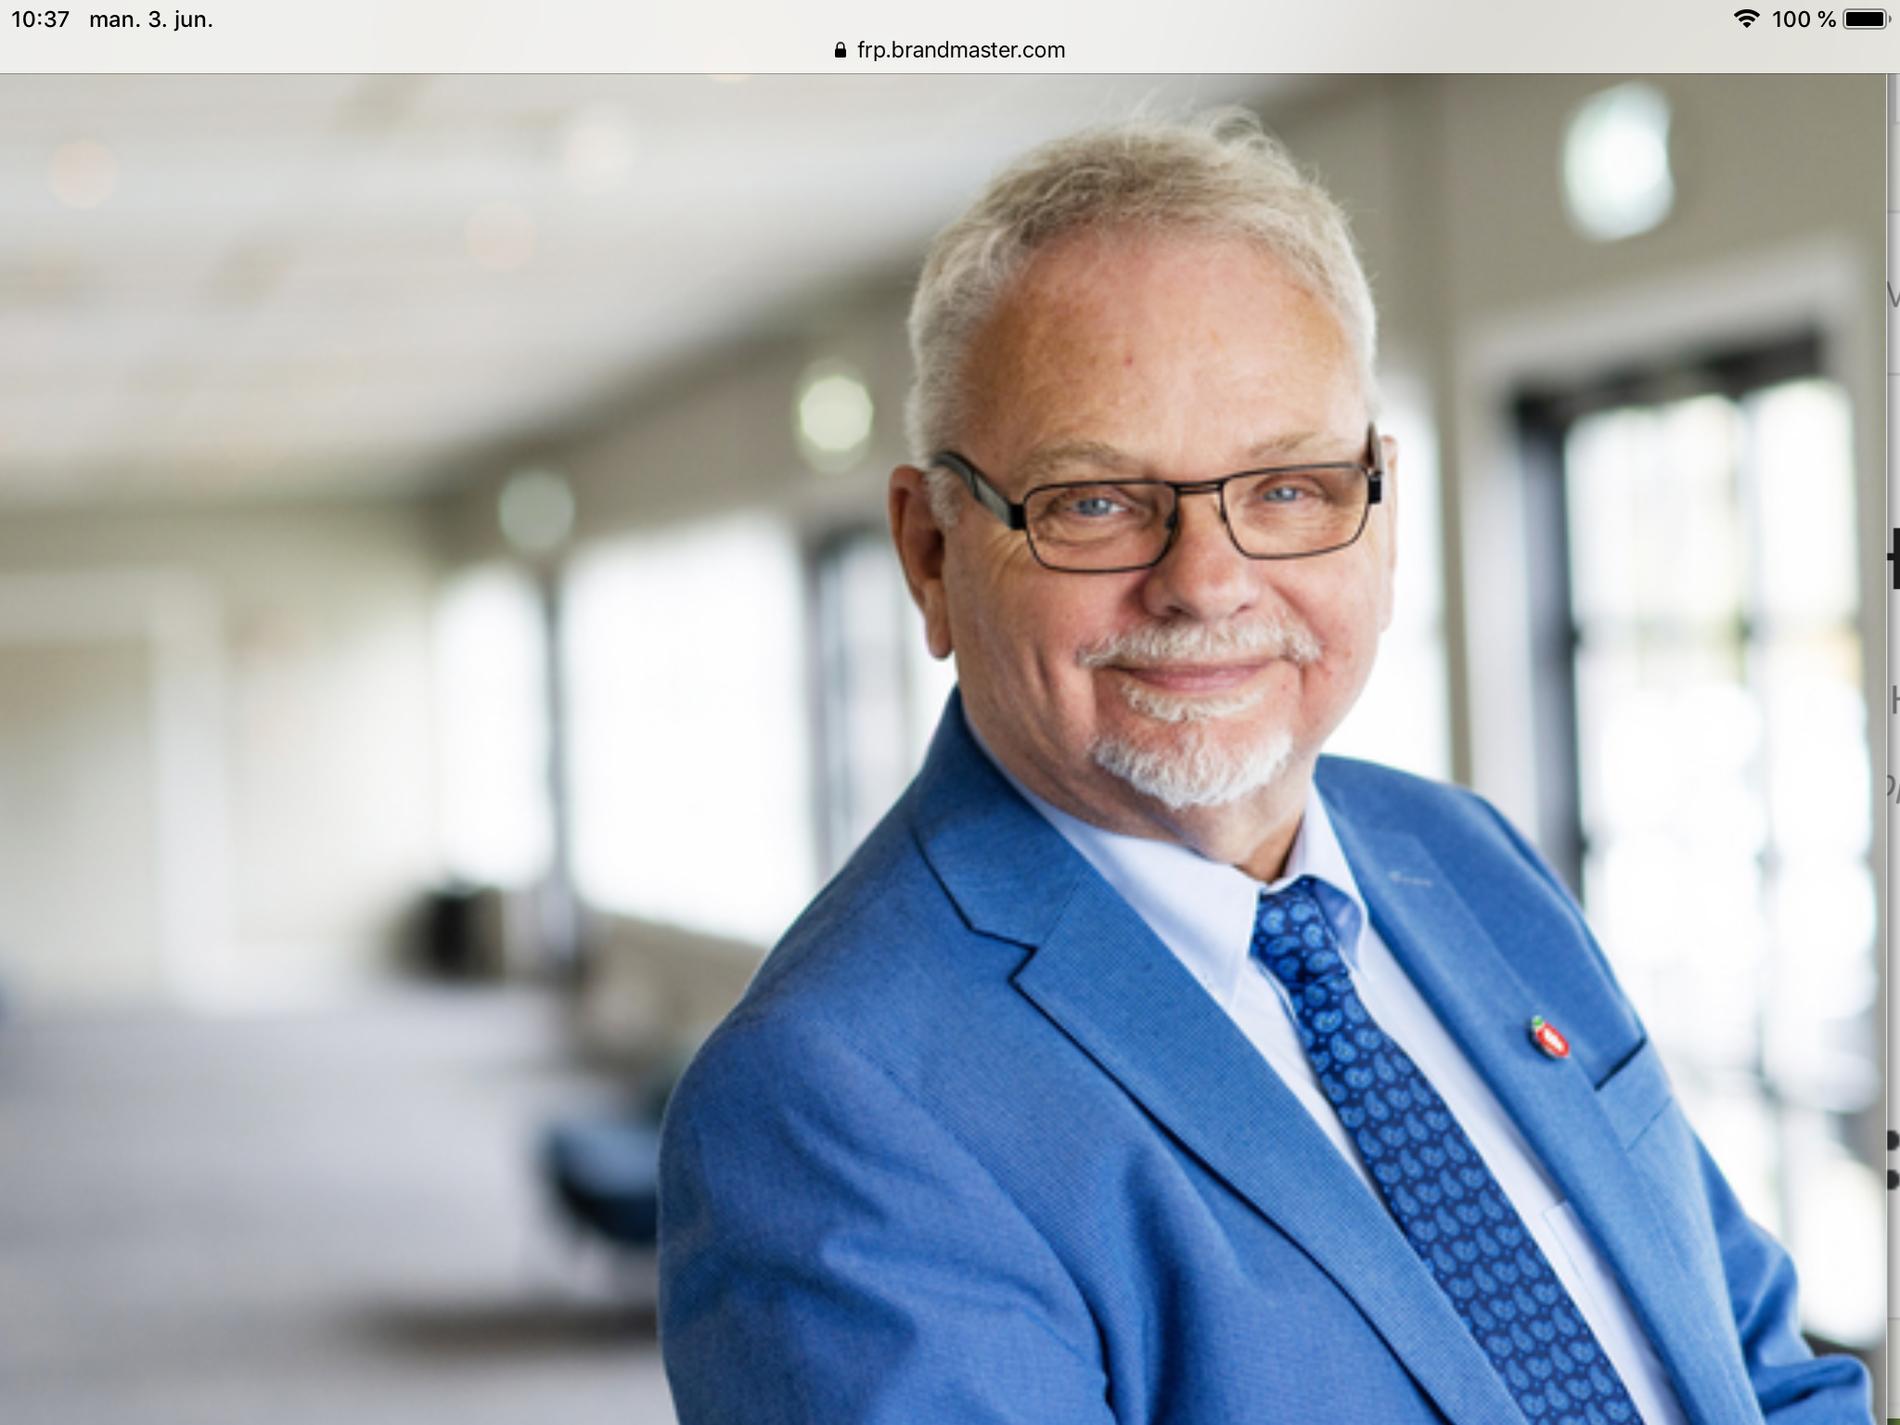 VIL UT AV REGJERING: Leder Terje Johan Helgheim i Sunnfjord Frp i Sogn og Fjordane – råder Siv Jensen til å ta Frp ut av regjering.